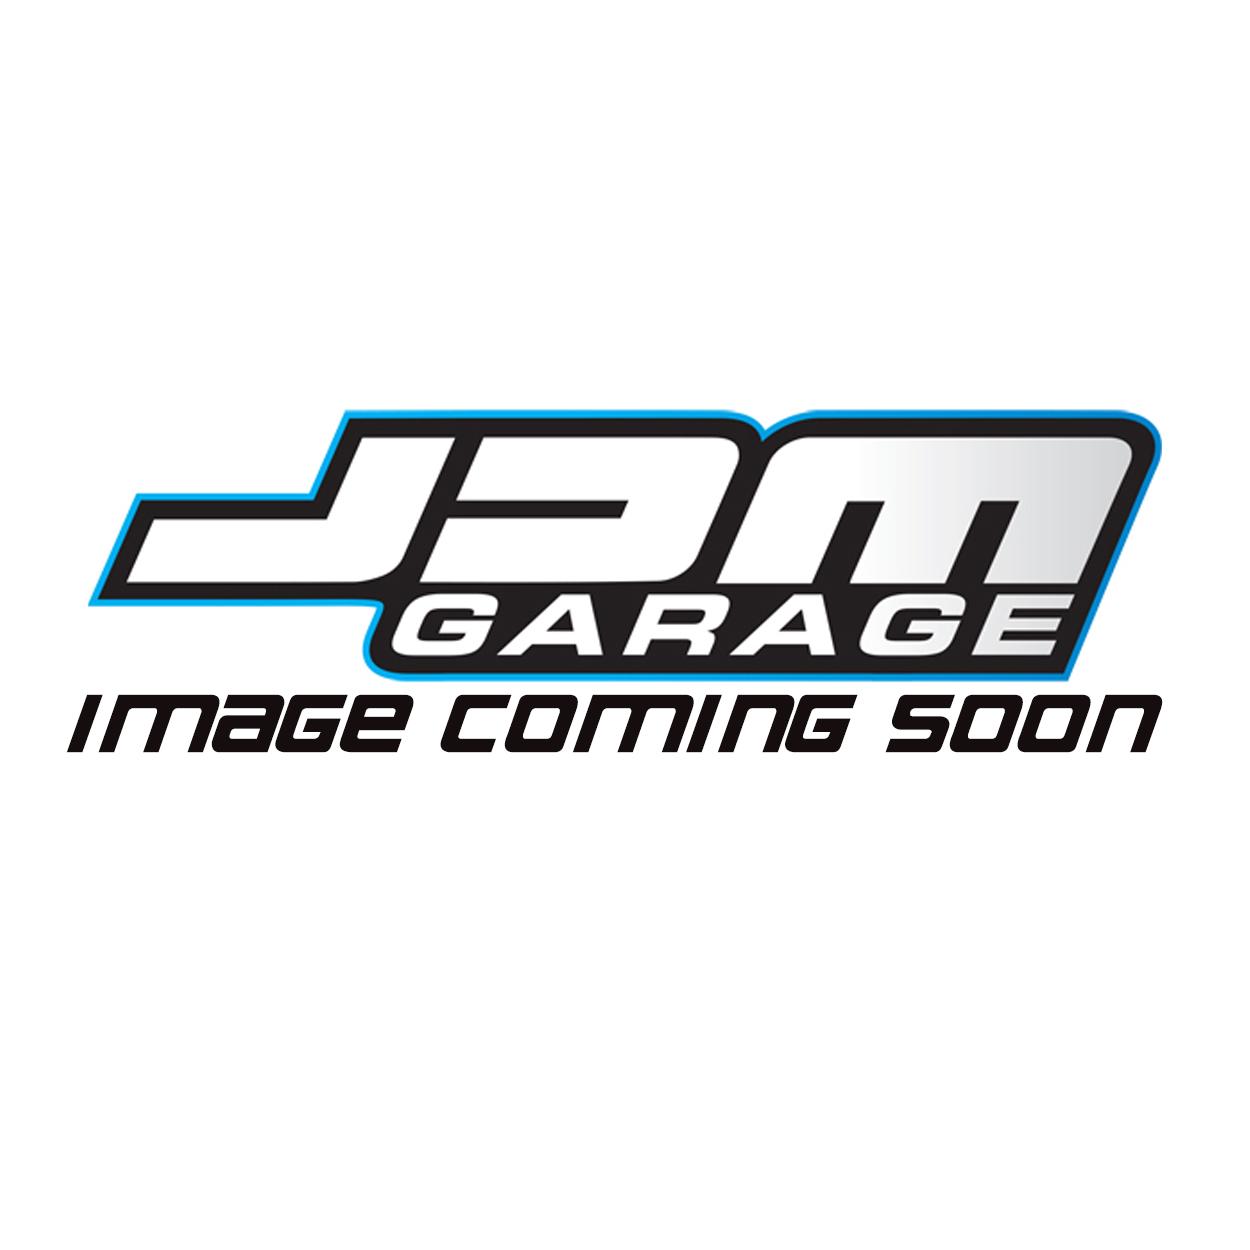 HKS Super Oil Nissan Skyline R32 R33 R34 GTR RB26DETT 15W-55 1Ltr / 4Ltr / 20Ltr